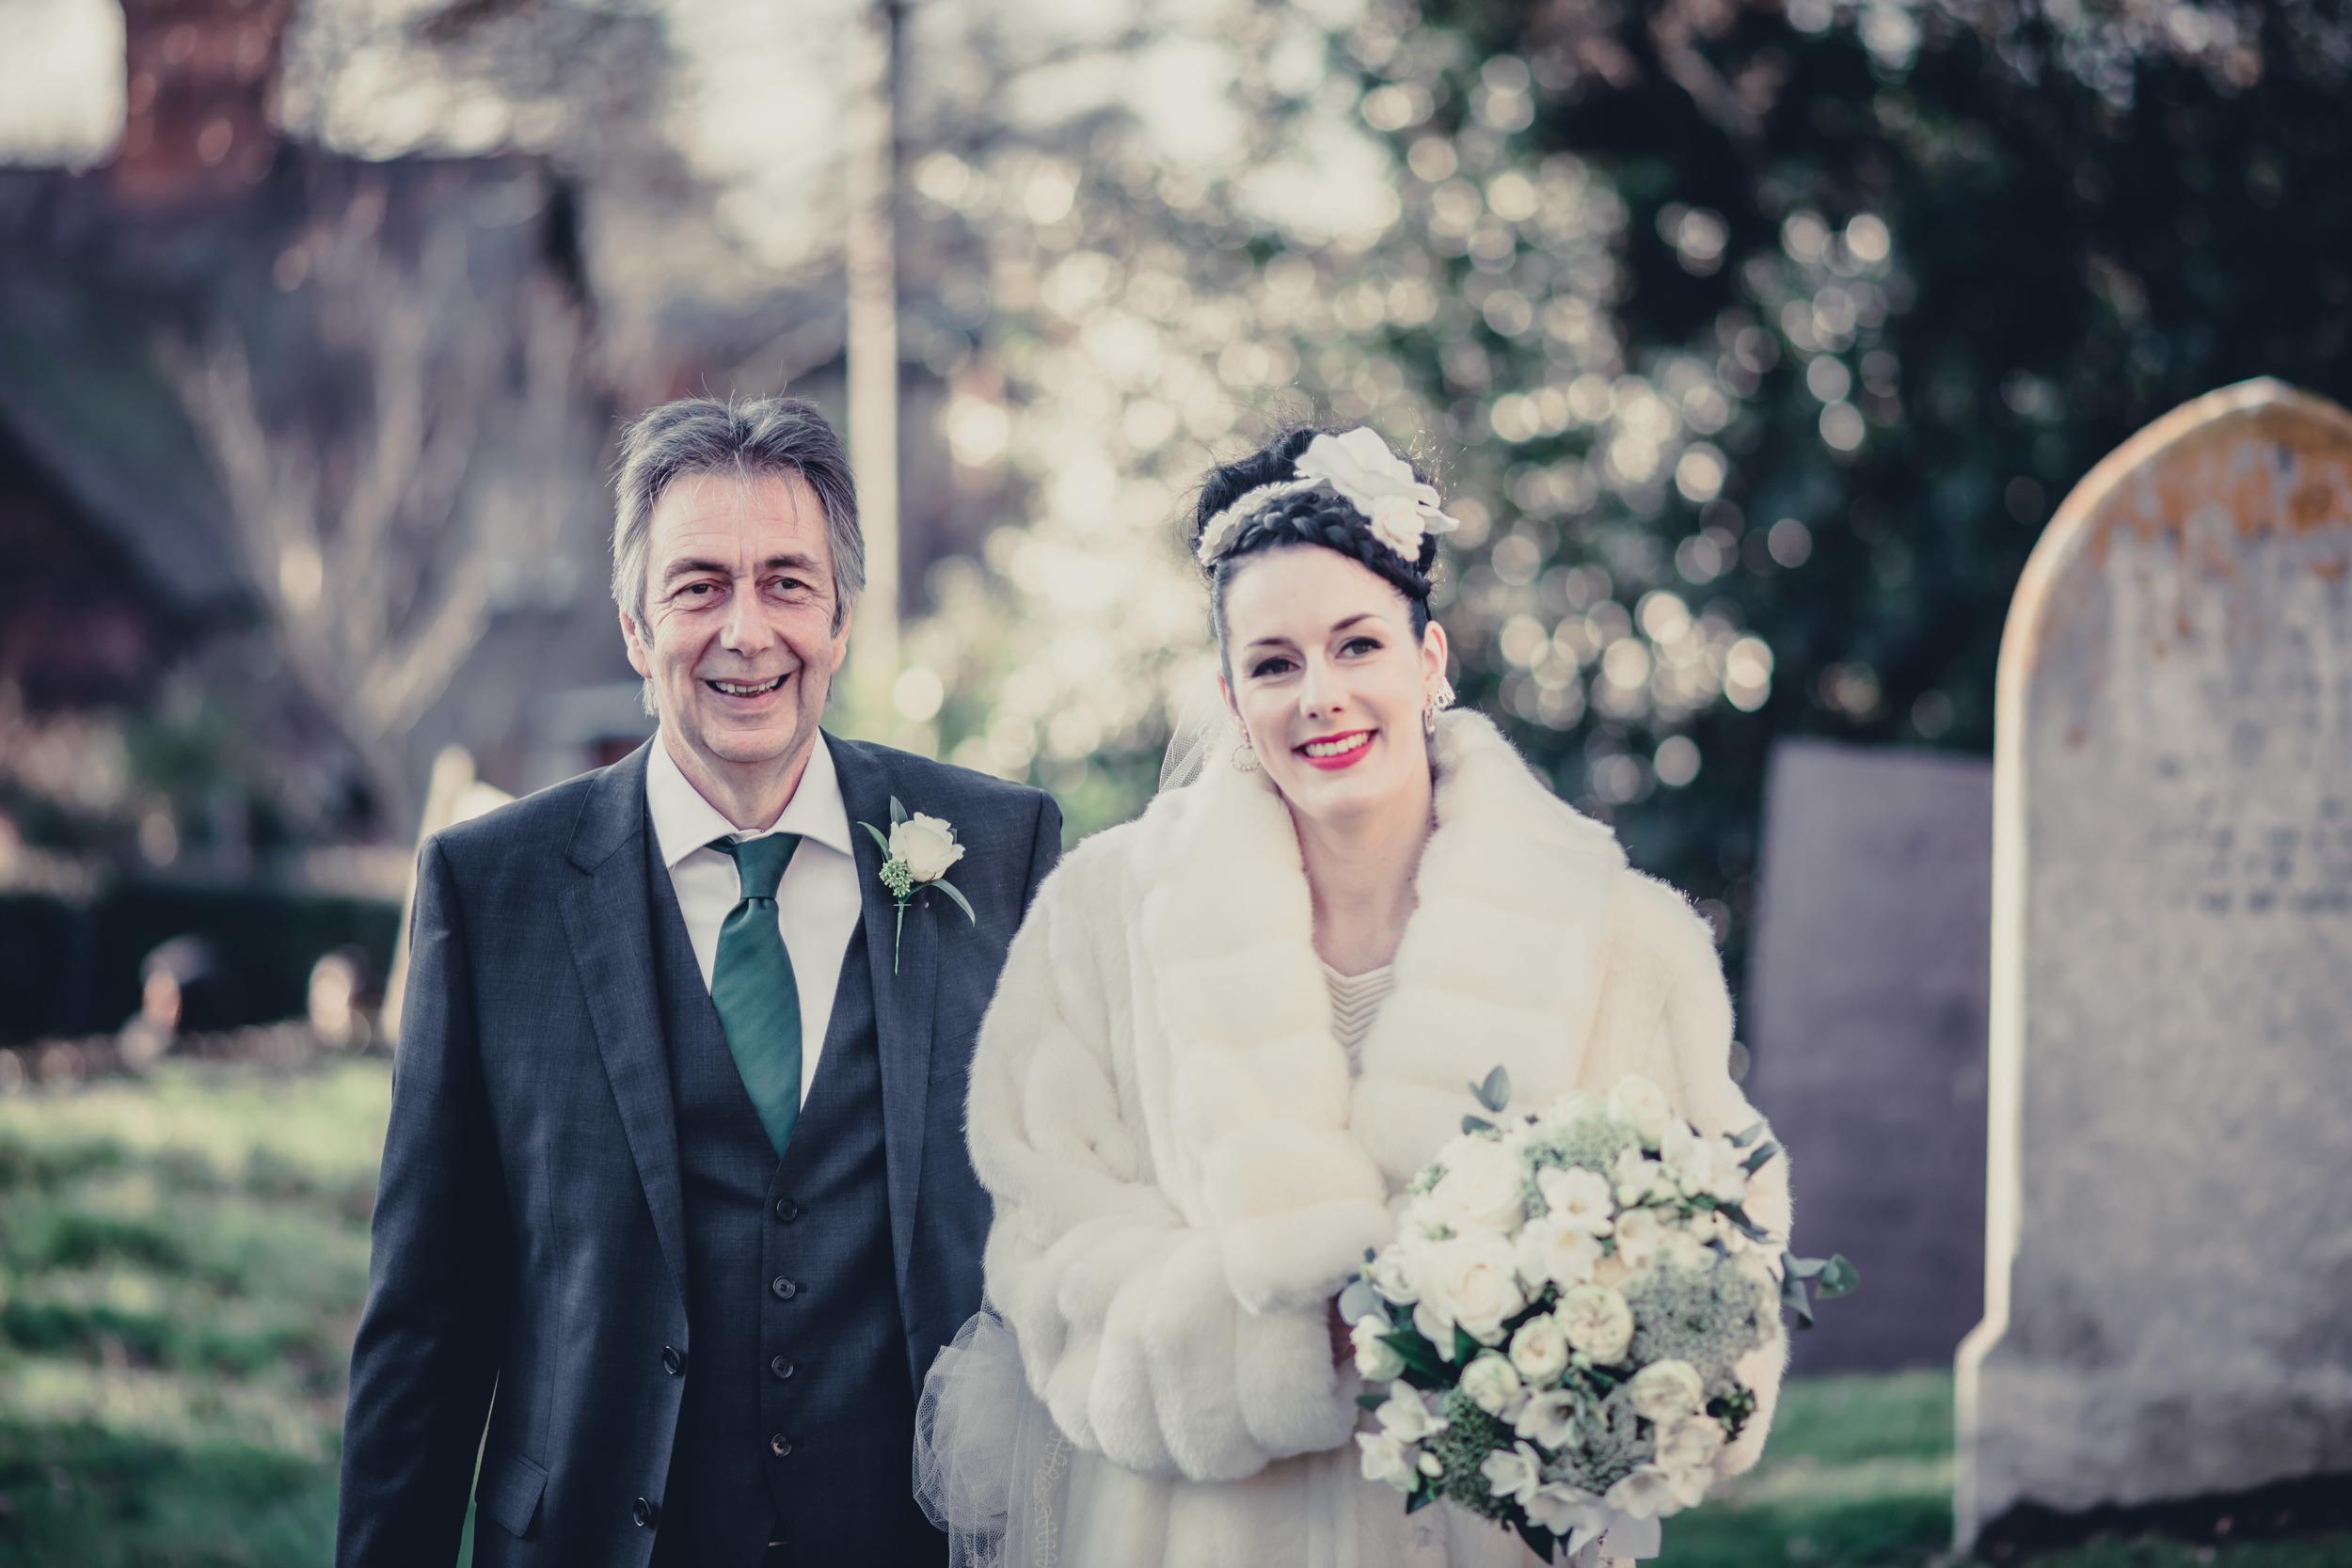 071 - Angela and Karls Wedding by www.markpugh.com -5840.jpg